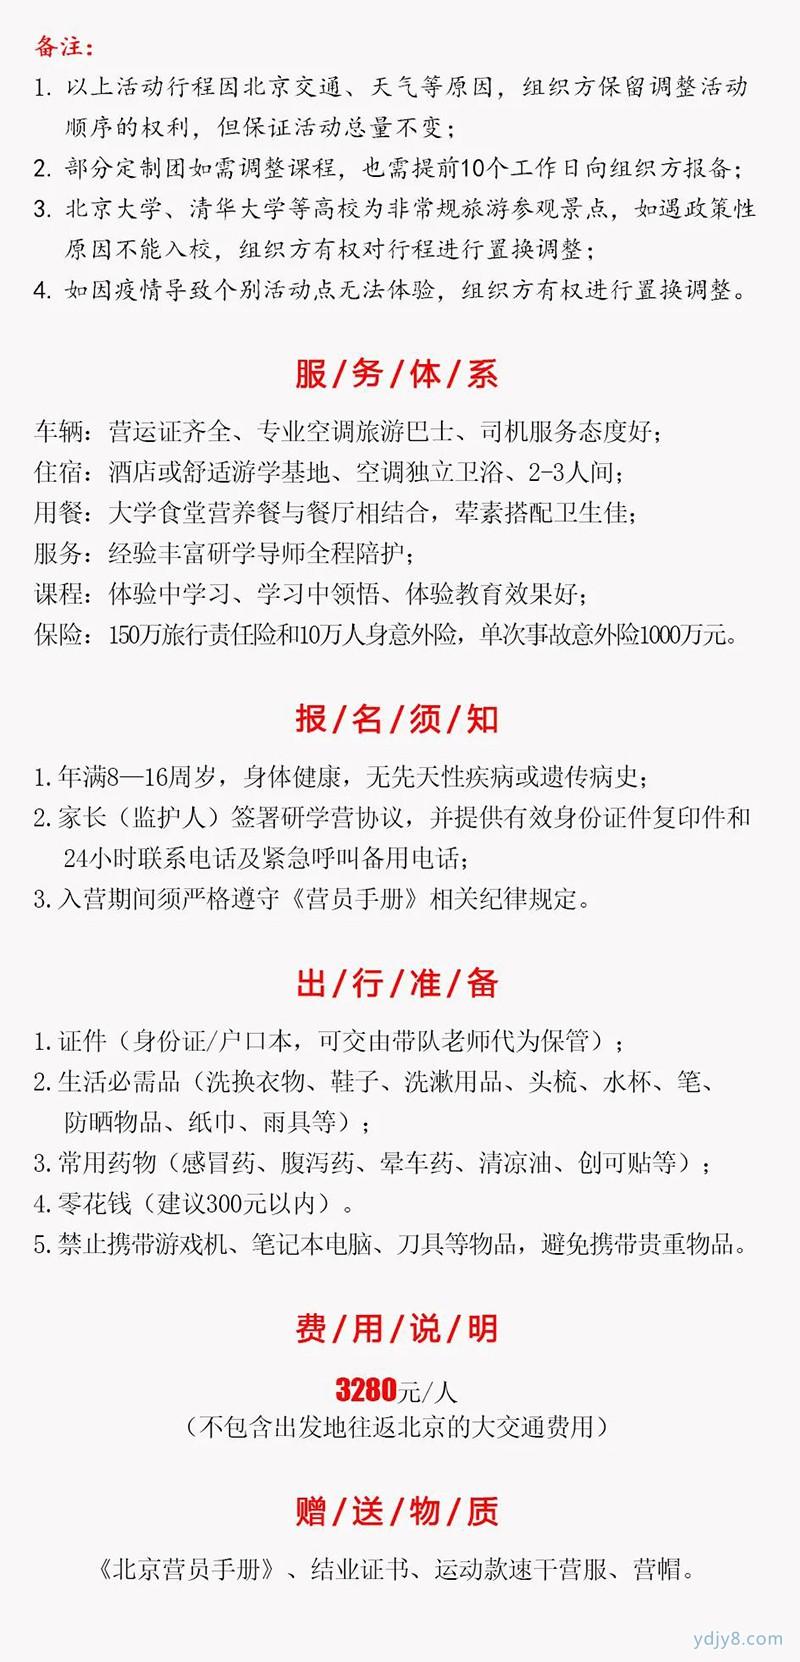 清北名校励志研学营7